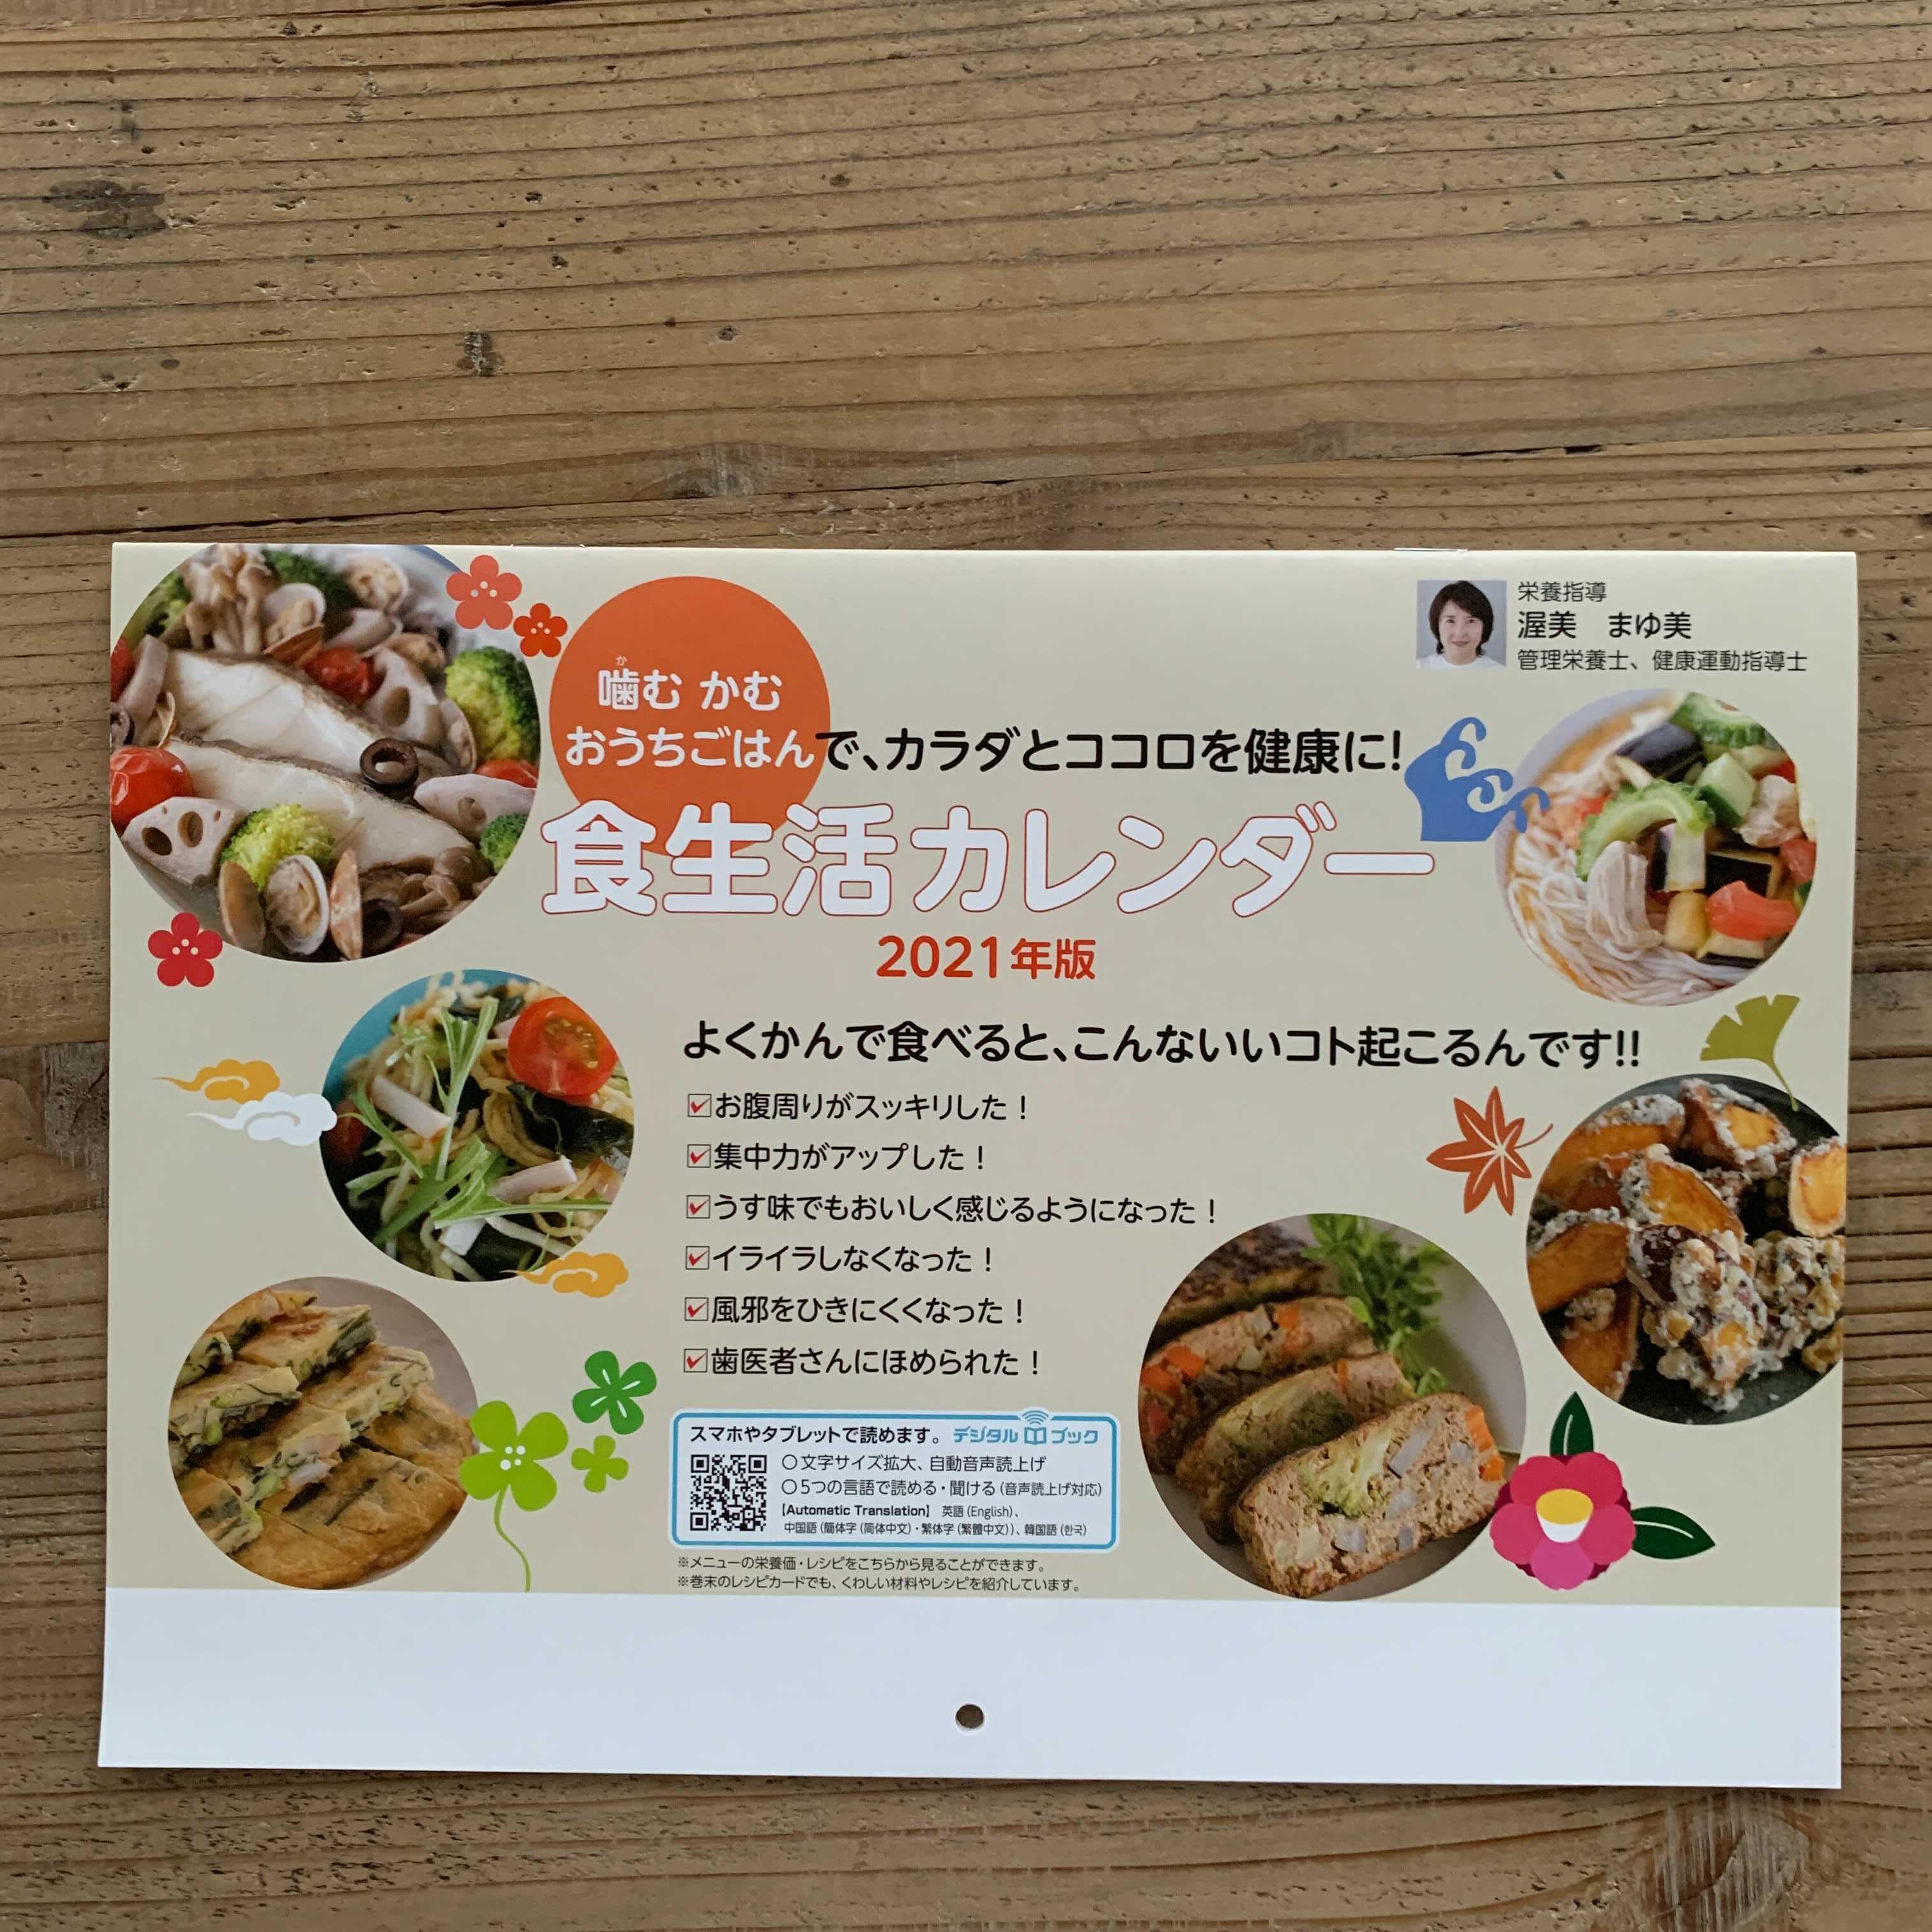 【レシピ開発】食生活カレンダー「噛むかむおうちごはん」